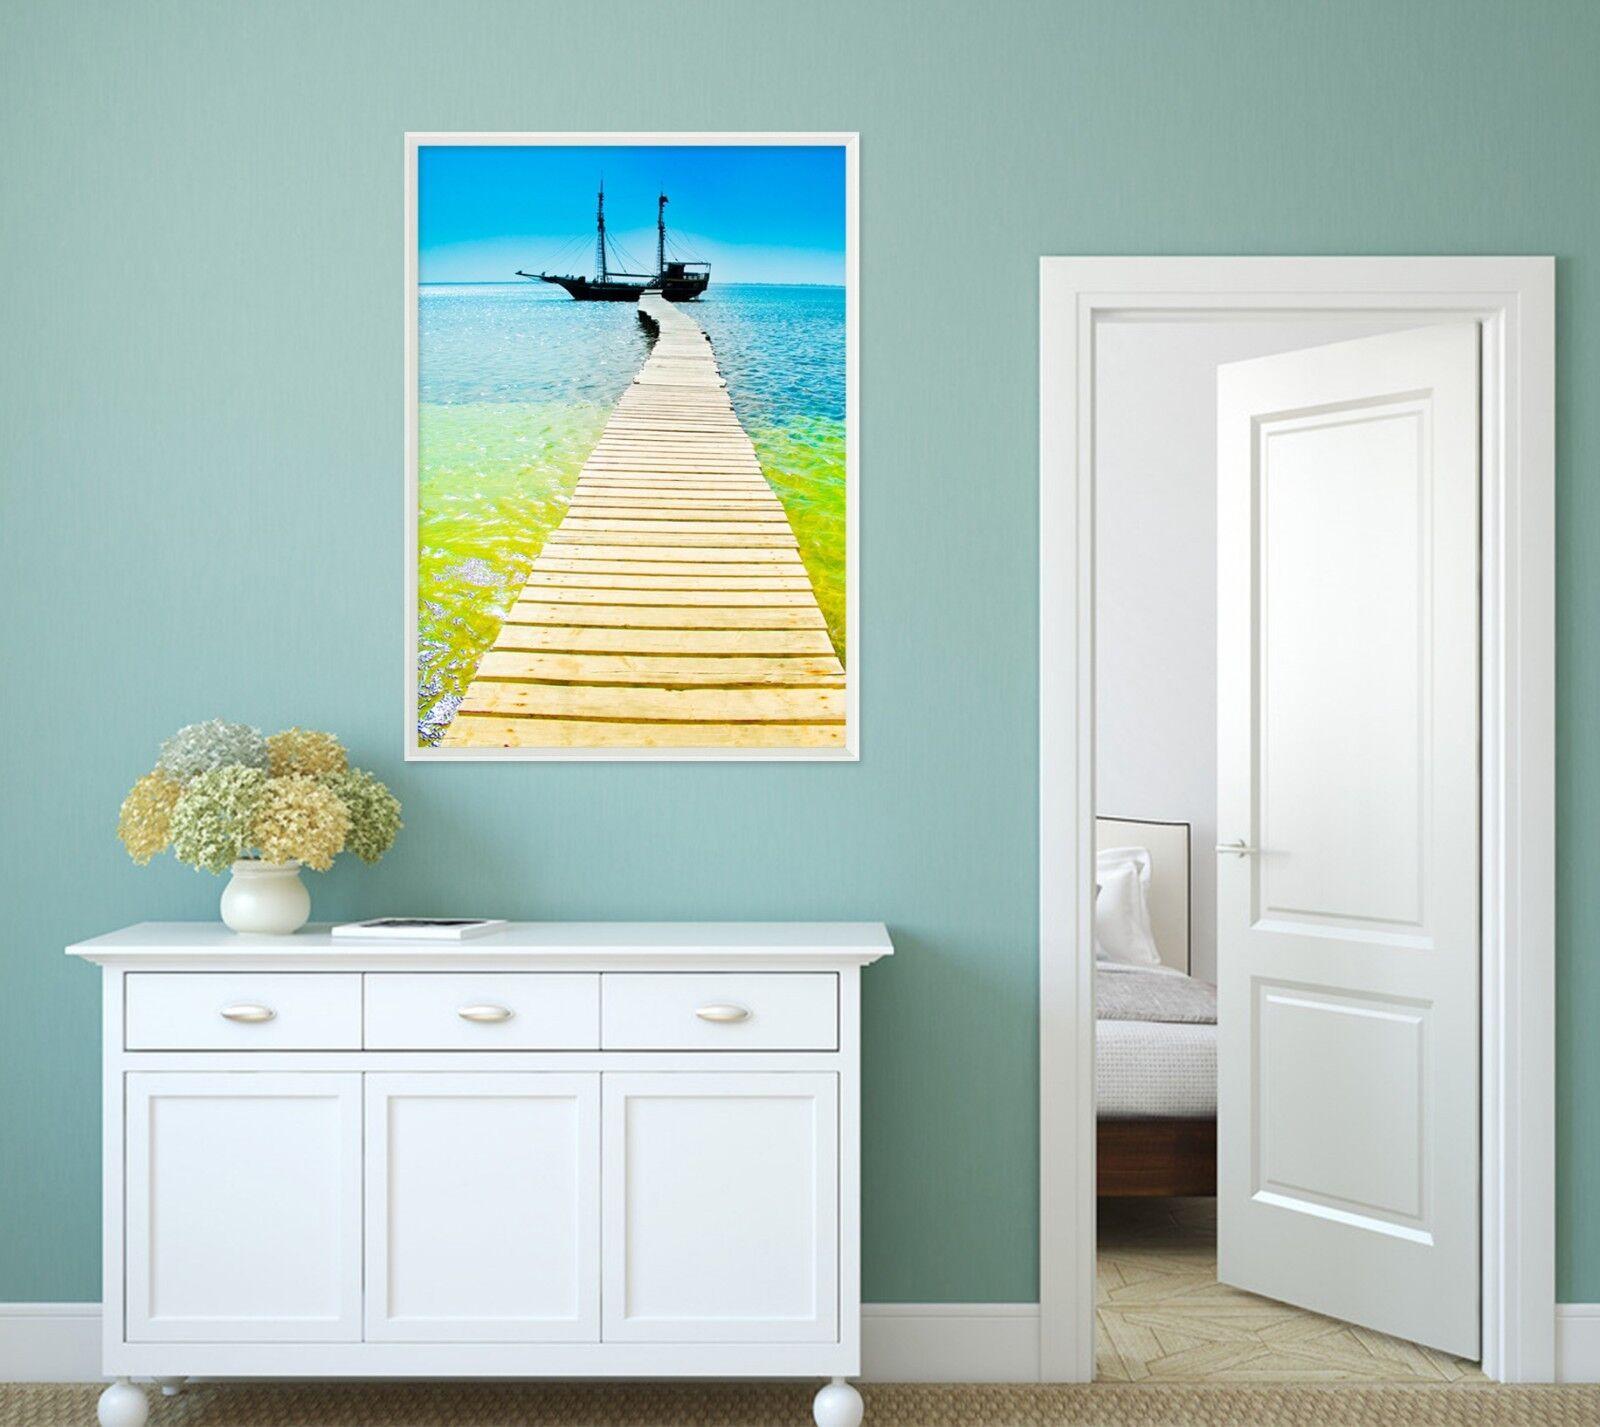 3D jaune Ocean Boat 3 Framed Poster Home Decor Print Painting Art AJ WALLPAPER